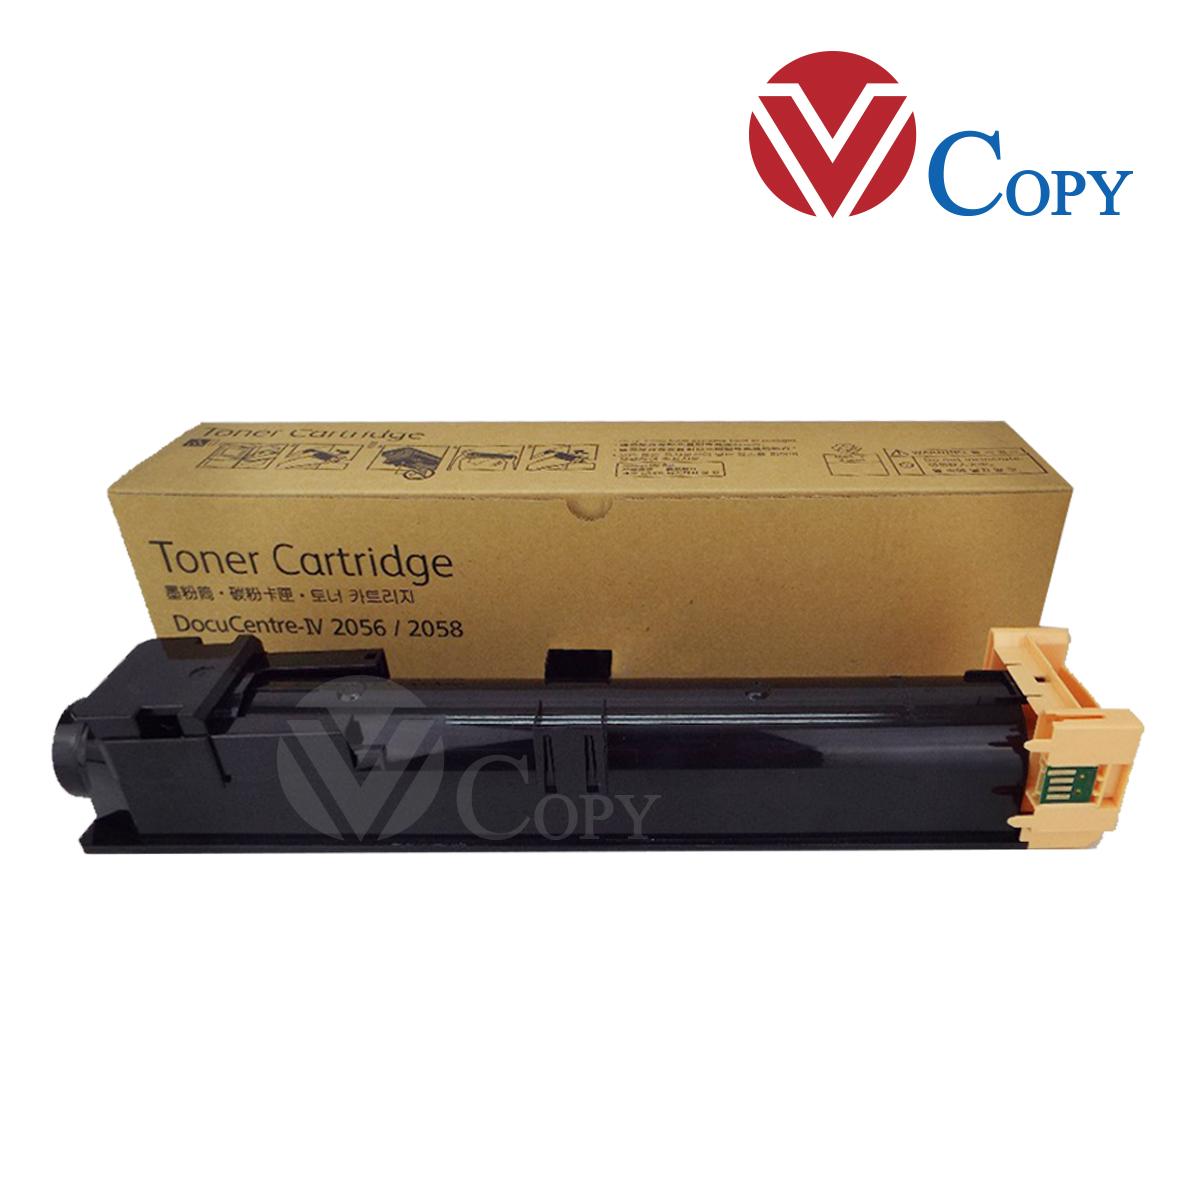 Mực Thương hiệu dùng cho máy Photocopy Fuji Xerox  DC 2056 / 2058 (hãng mới 100%)